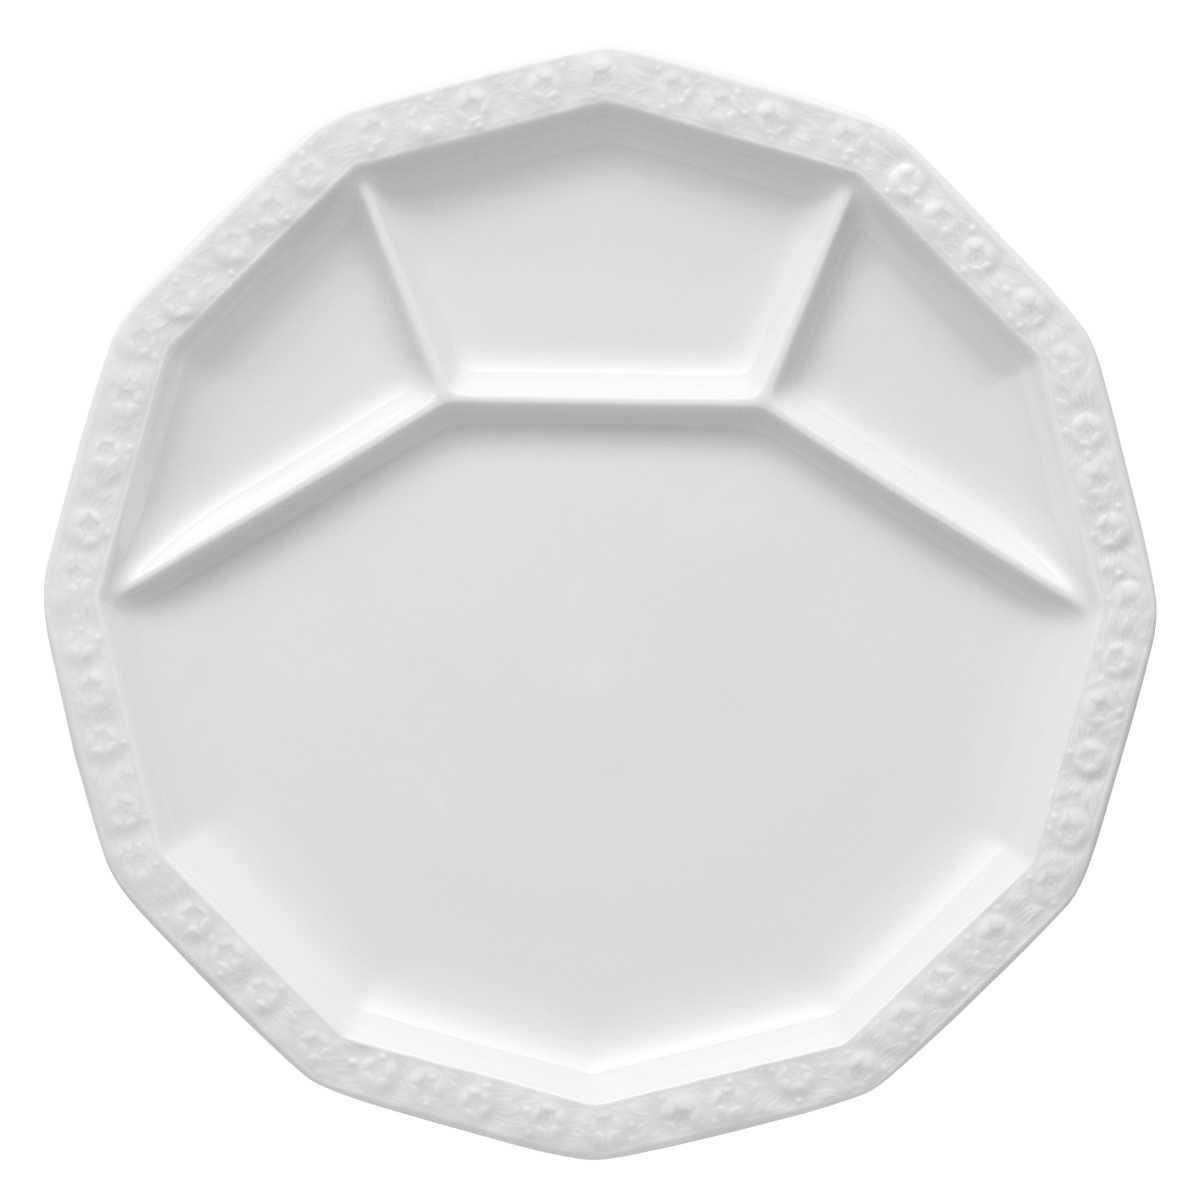 Rosenthal Maria weiß Fondue-/Grillteller 28 cm | Küche und Esszimmer > Küchengeräte > Fondue | Rosenthal